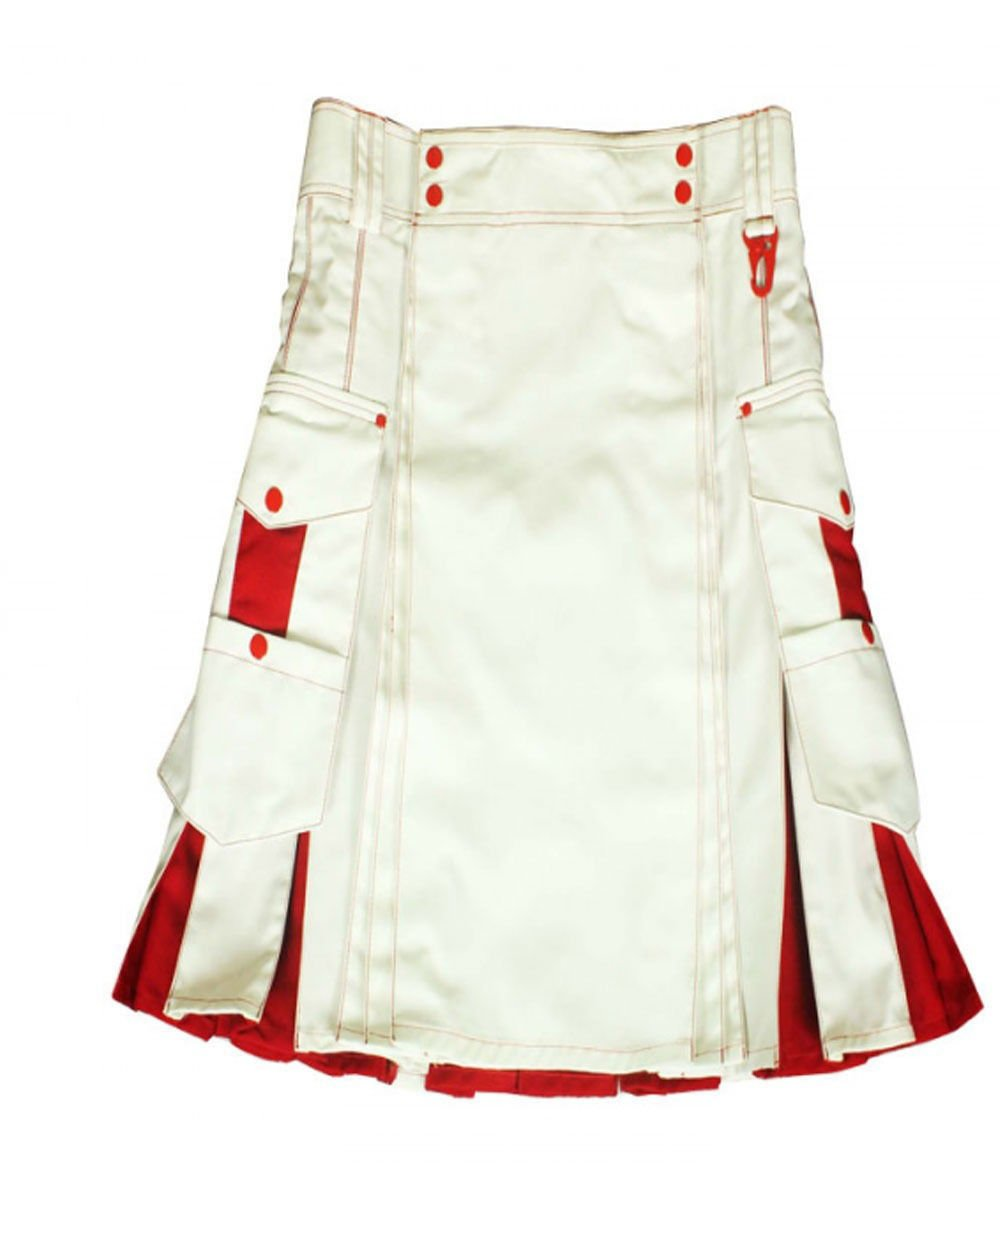 32 Size Handmade White & Red Cotton Kilt for Active Men, Hybrid Cotton Utility Deluxe Kilt